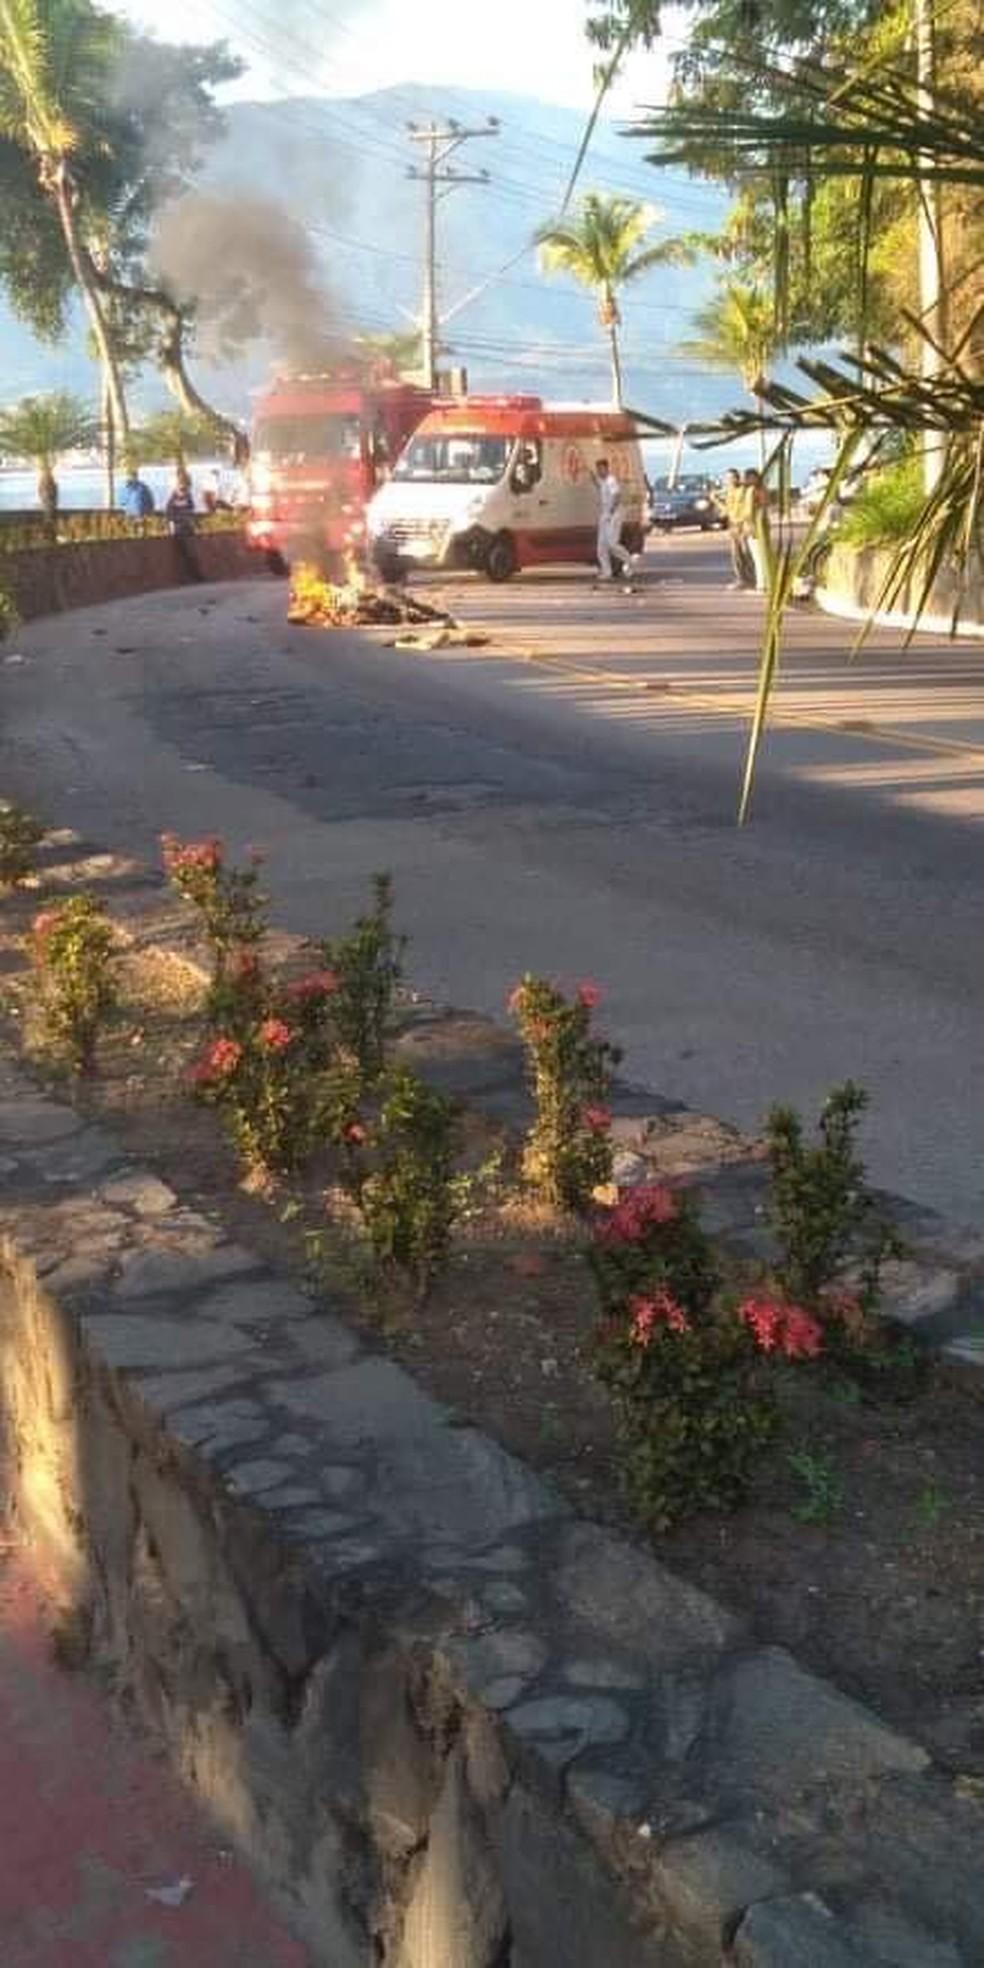 Motociclista morre após colidir contra ônibus em São Sebastião — Foto: Luciano Antonio Dias dos Santos/ arquivo pessoal